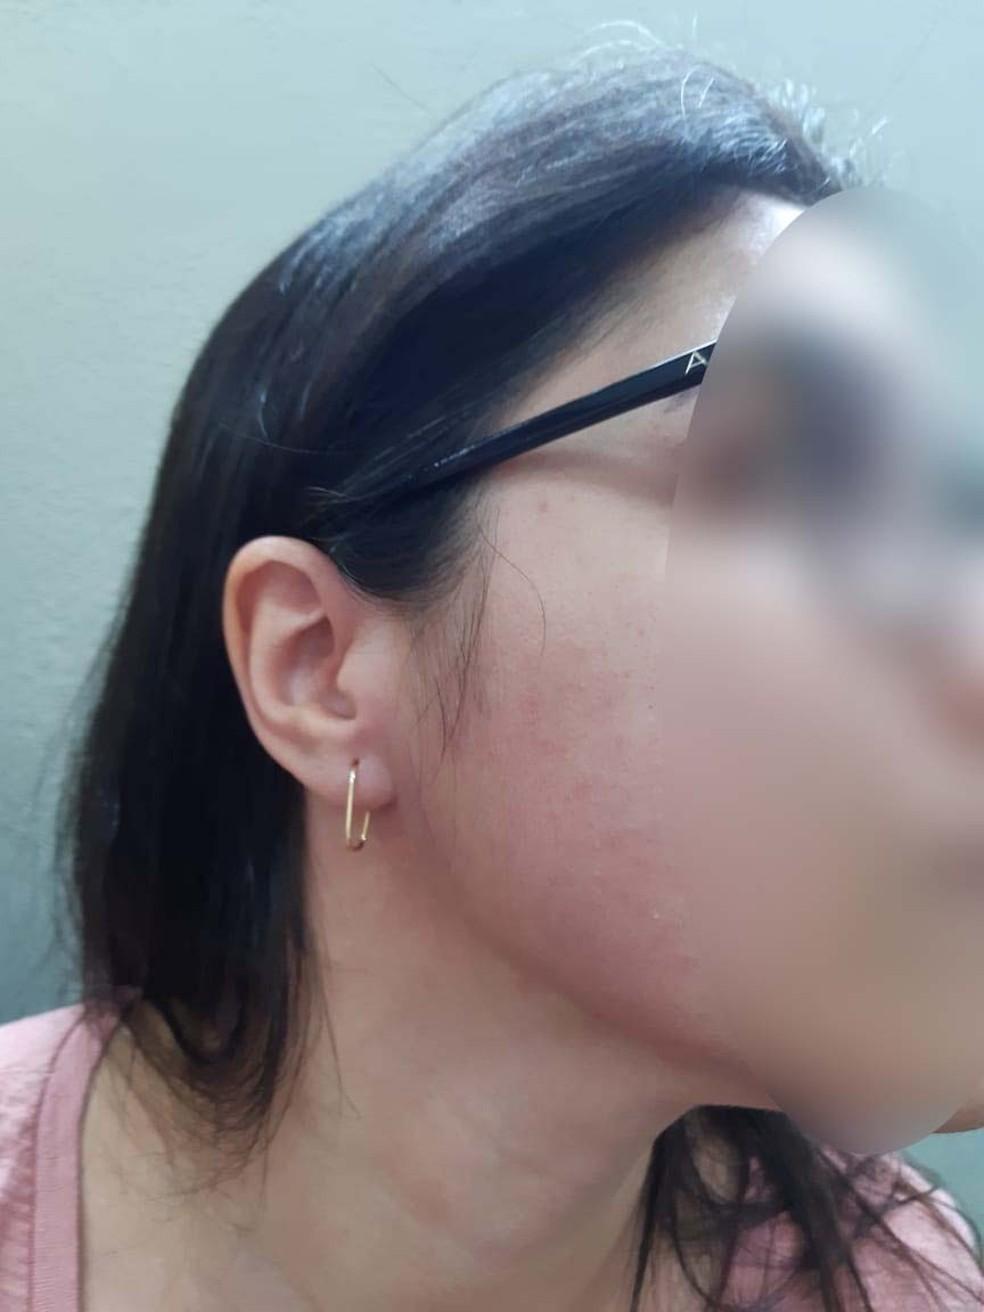 Professora afirma ter sido agredida por mãe de aluno após chamar a atenção do estudante e trocá-lo de lugar em Praia Grande, SP — Foto: Arquivo pessoal